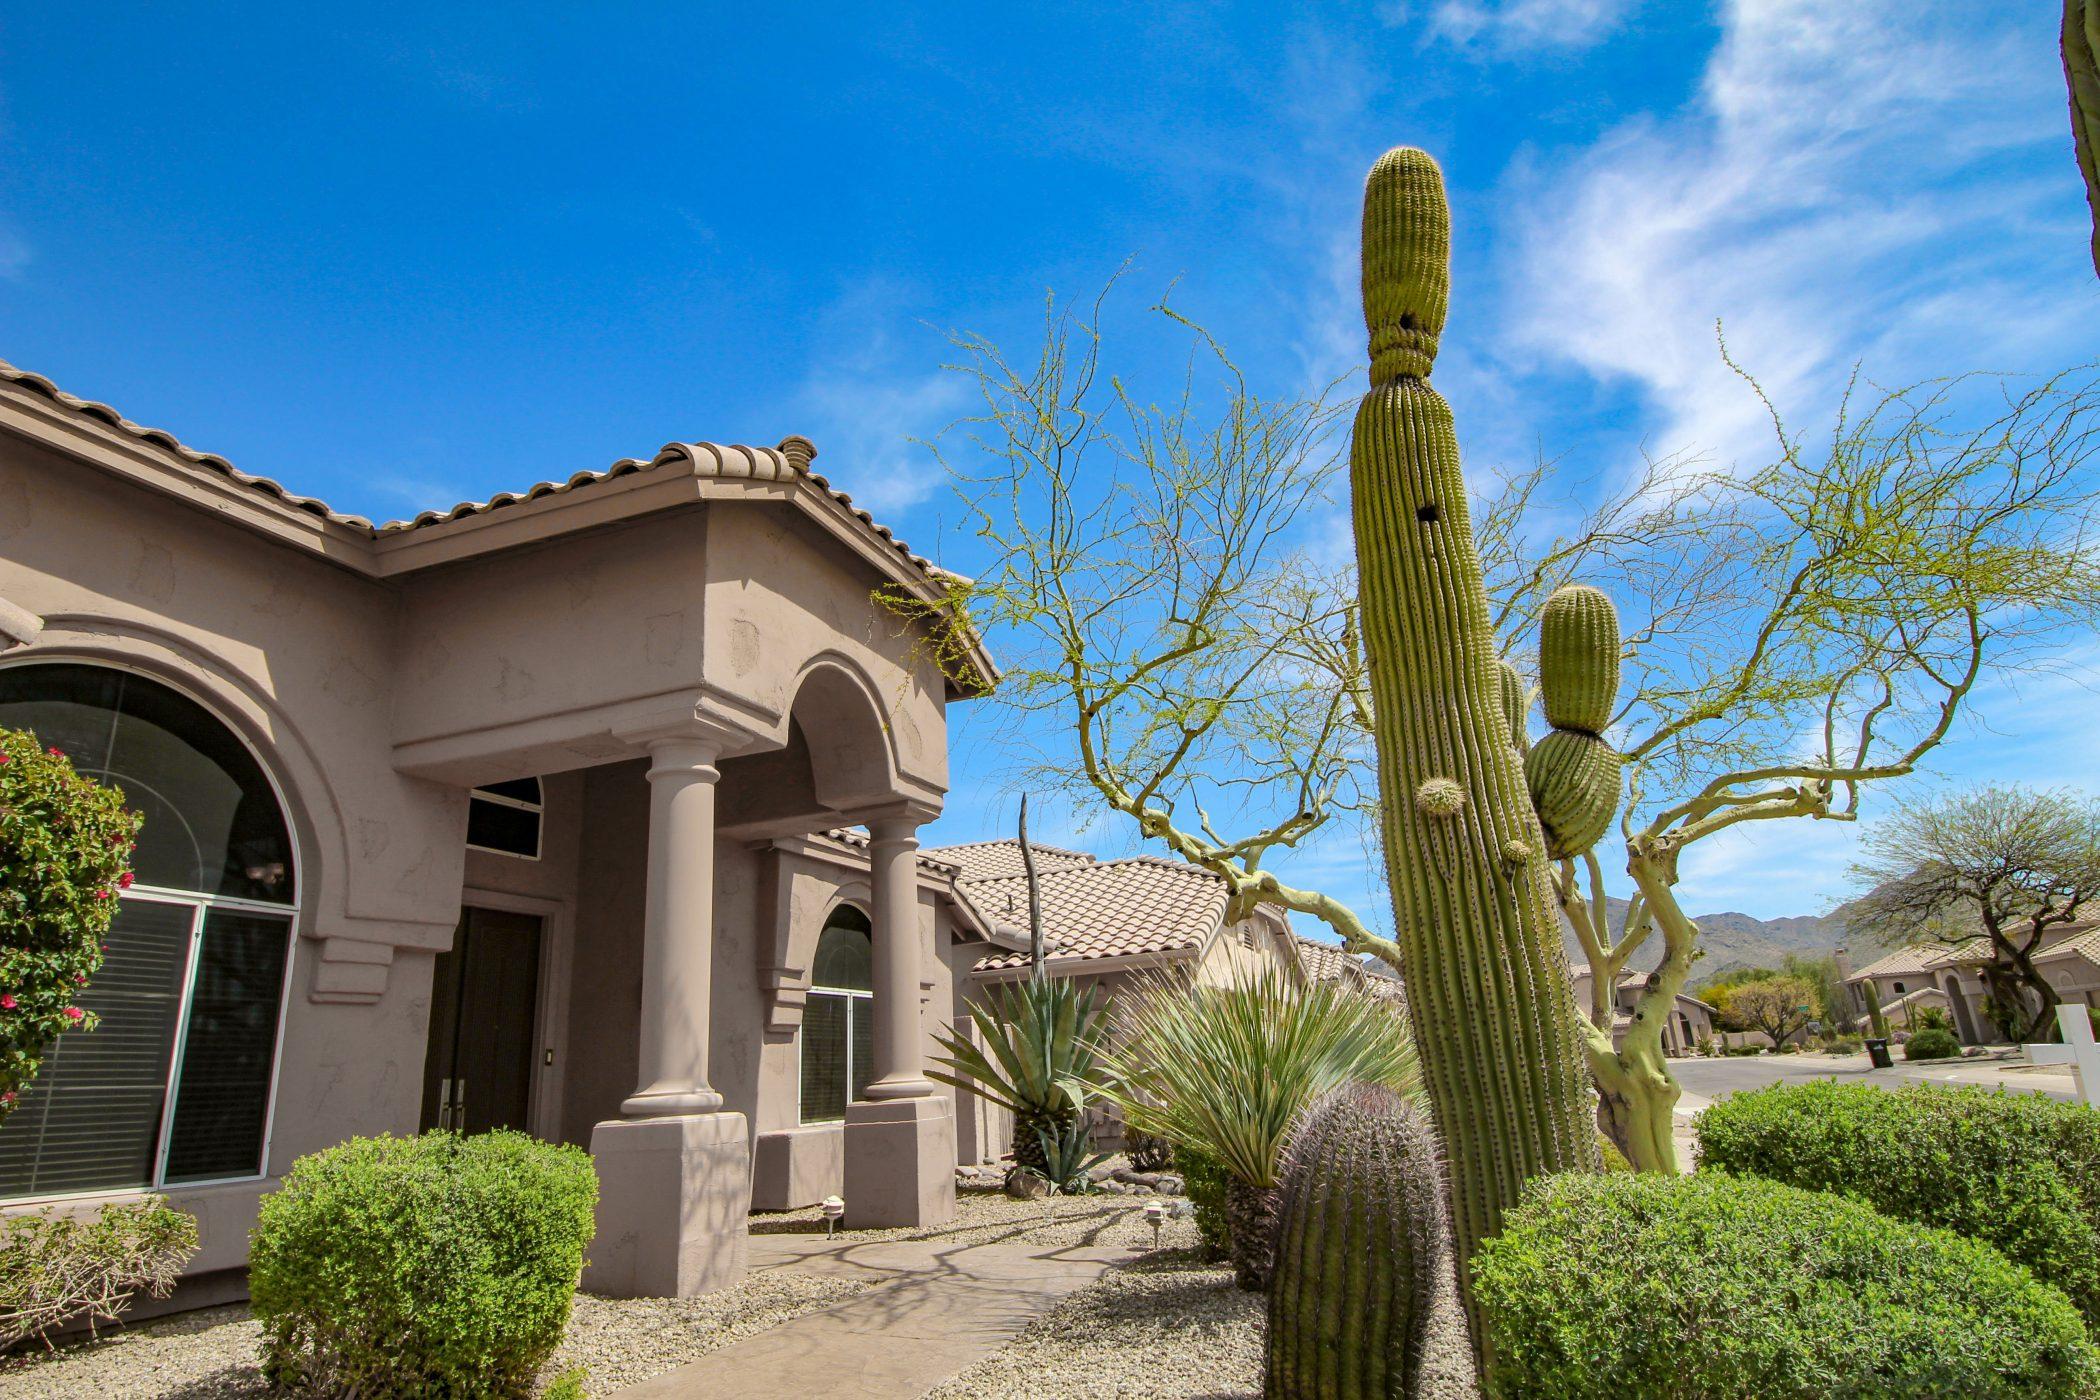 Scottsdale Arizona southwest style home